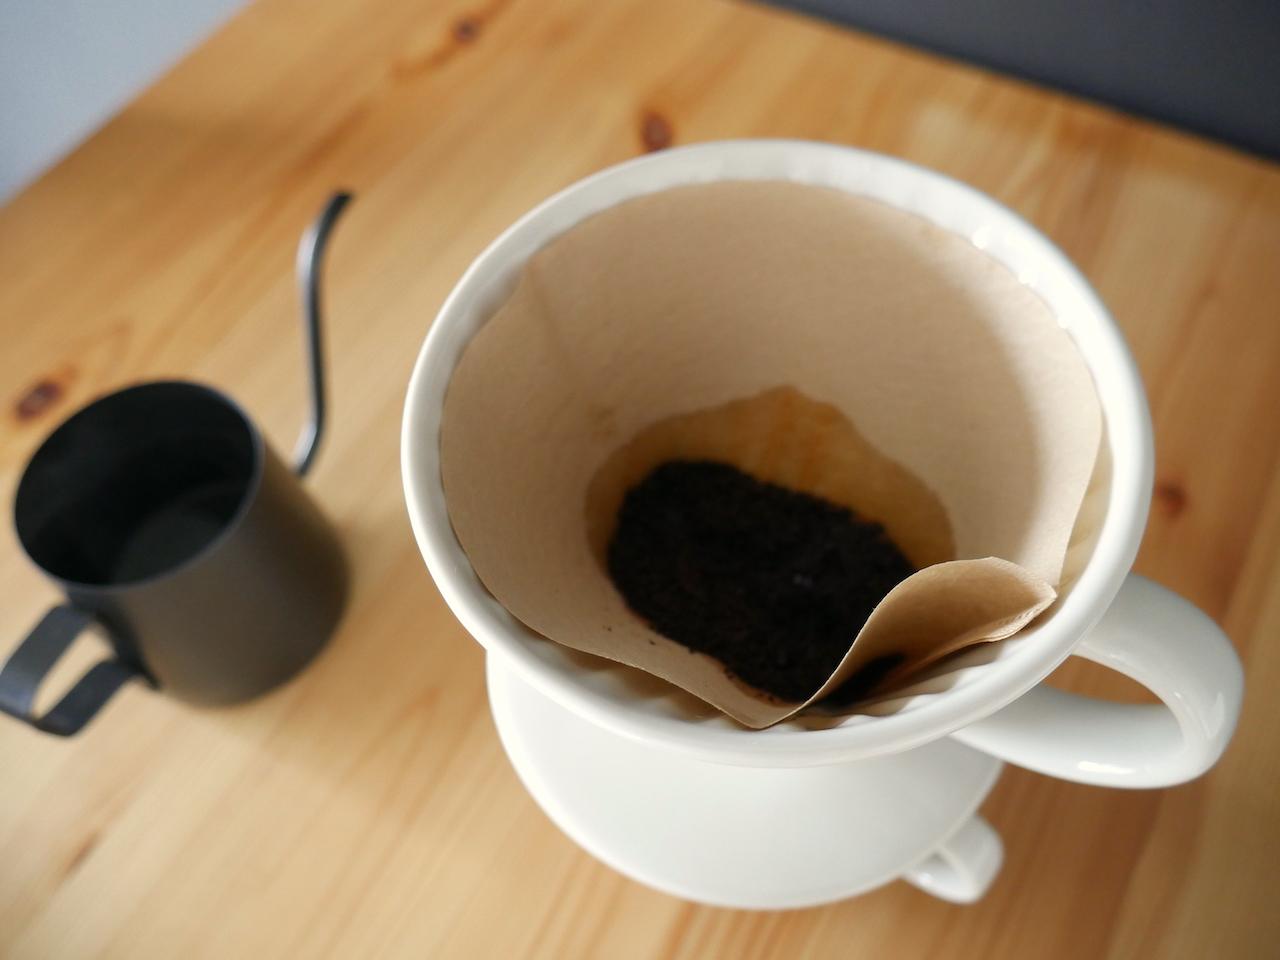 1日のスタートを美味しいコーヒーを無印良品のドリップコーヒーアイテムで